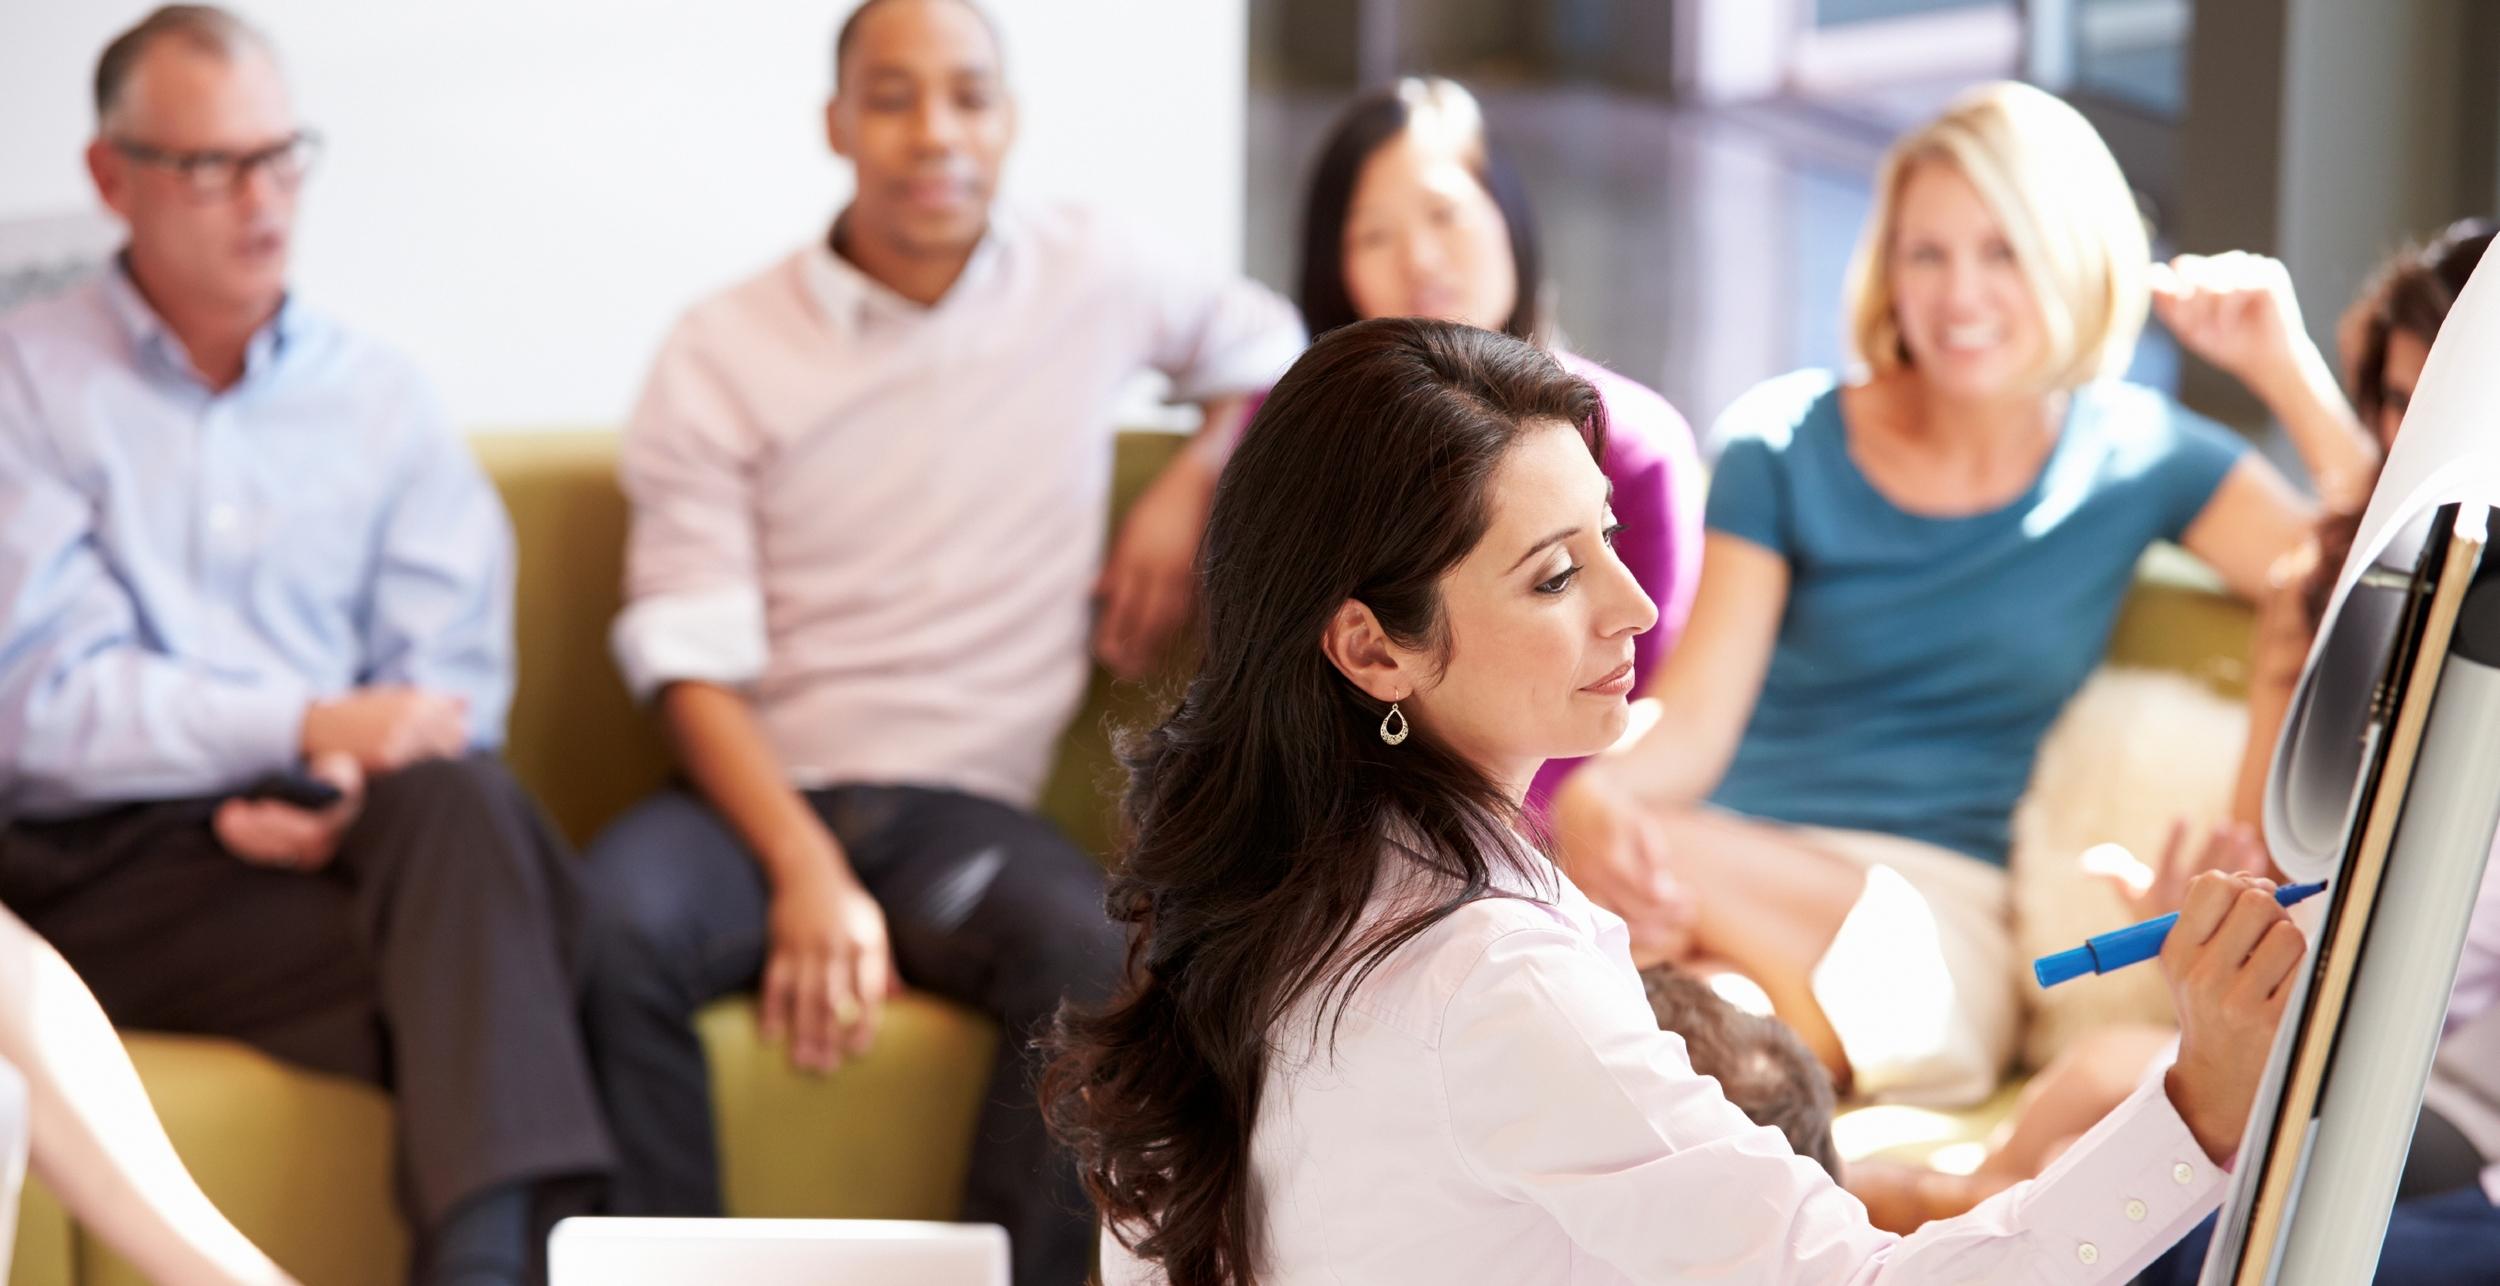 Corporate team development activities